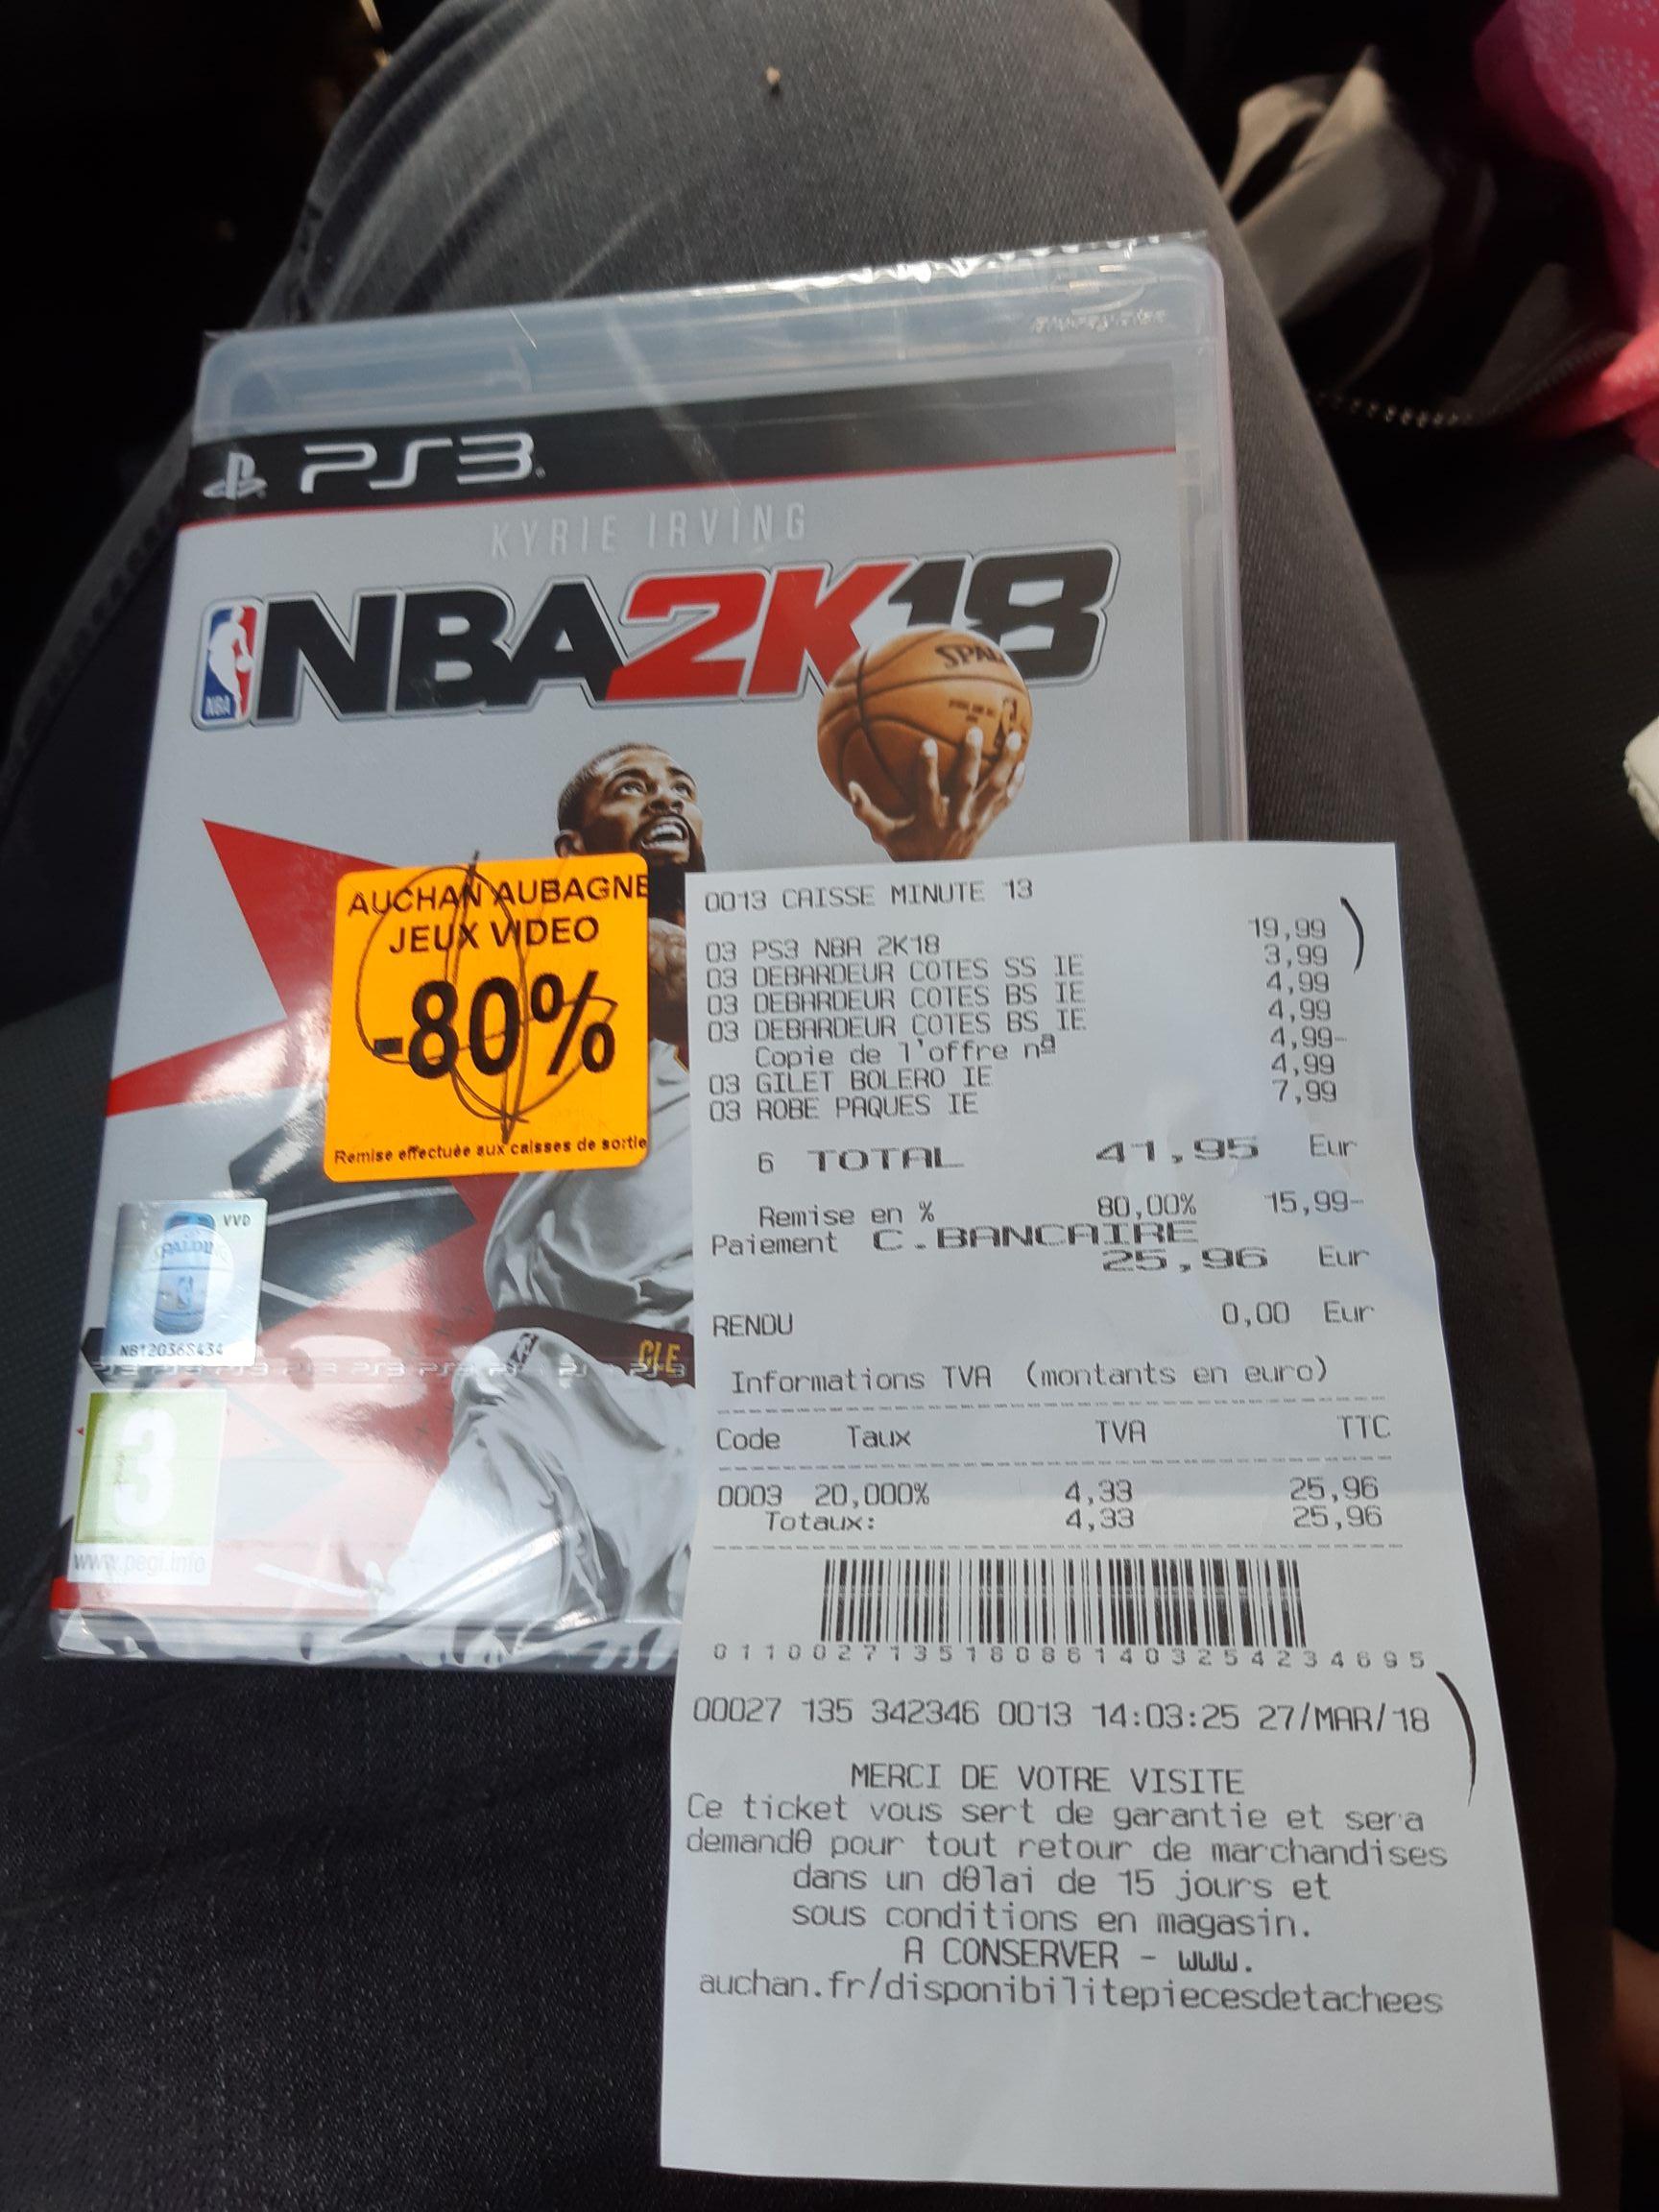 Jeu NBA 2K18 Sur PS3 - Aubagne (13)